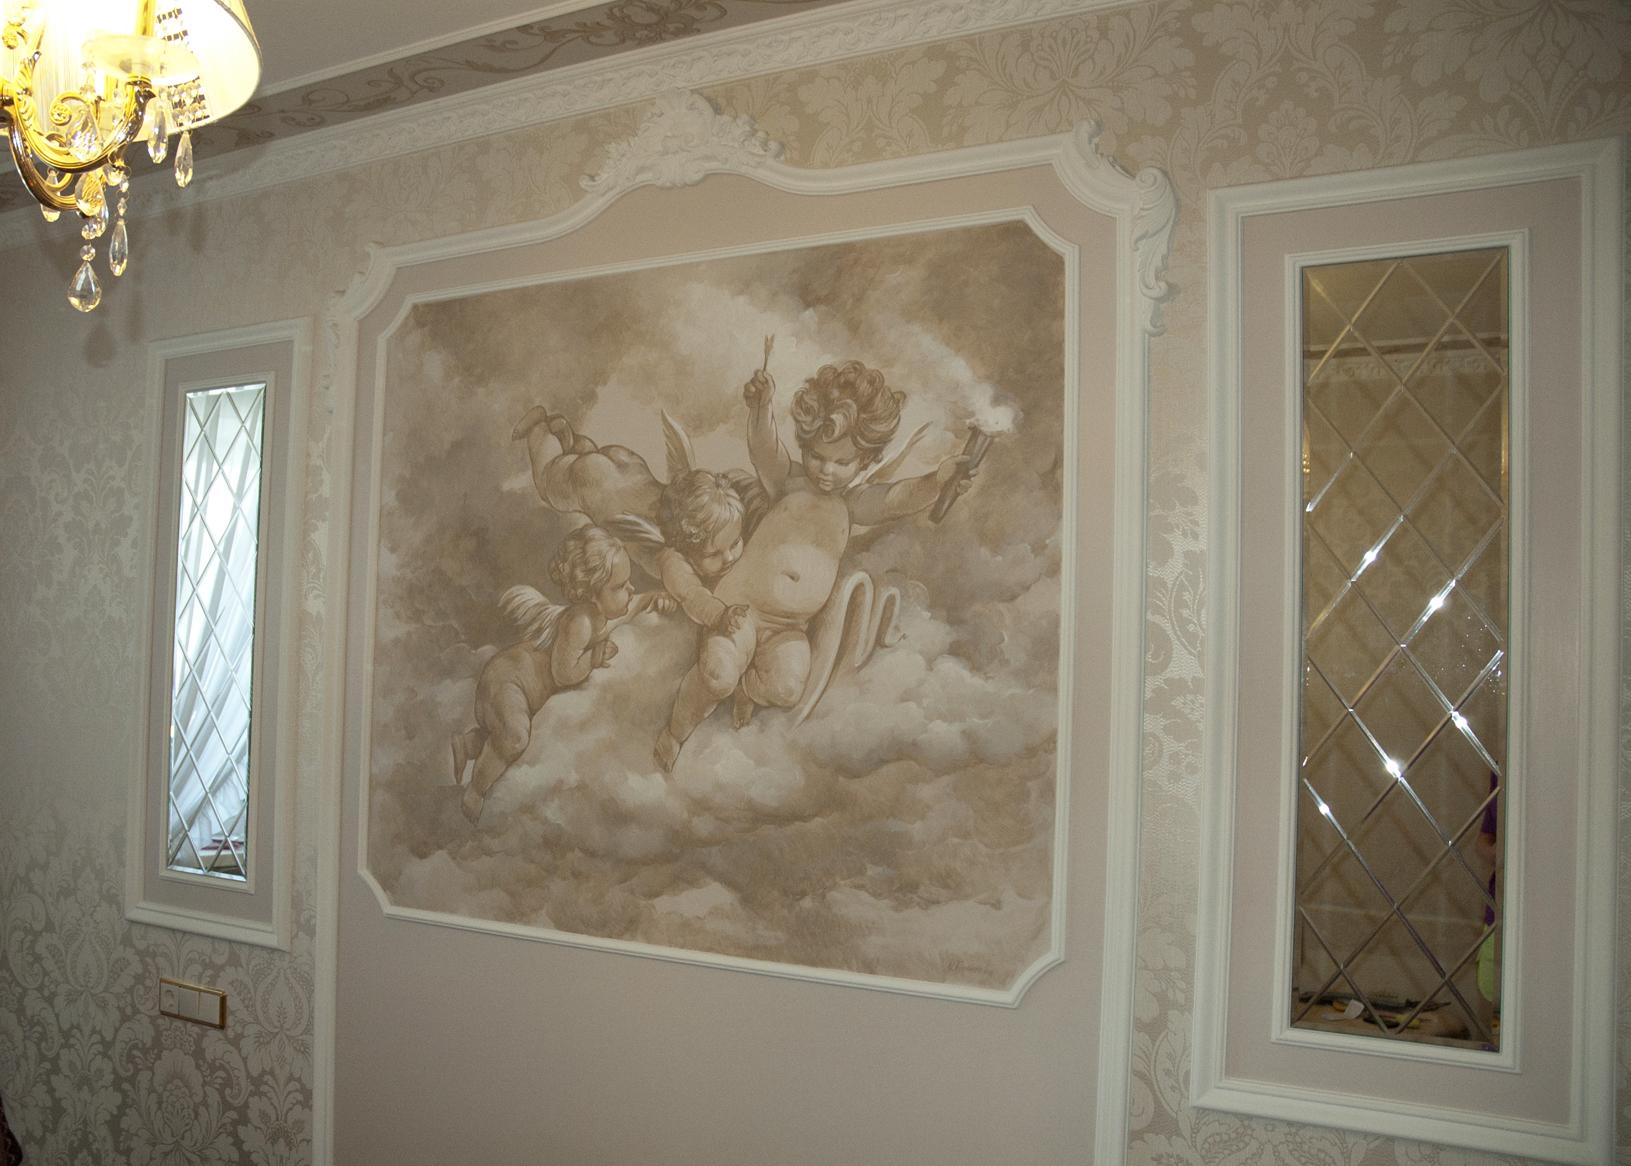 Художественная роспись на стене необходима в классическом интерьере